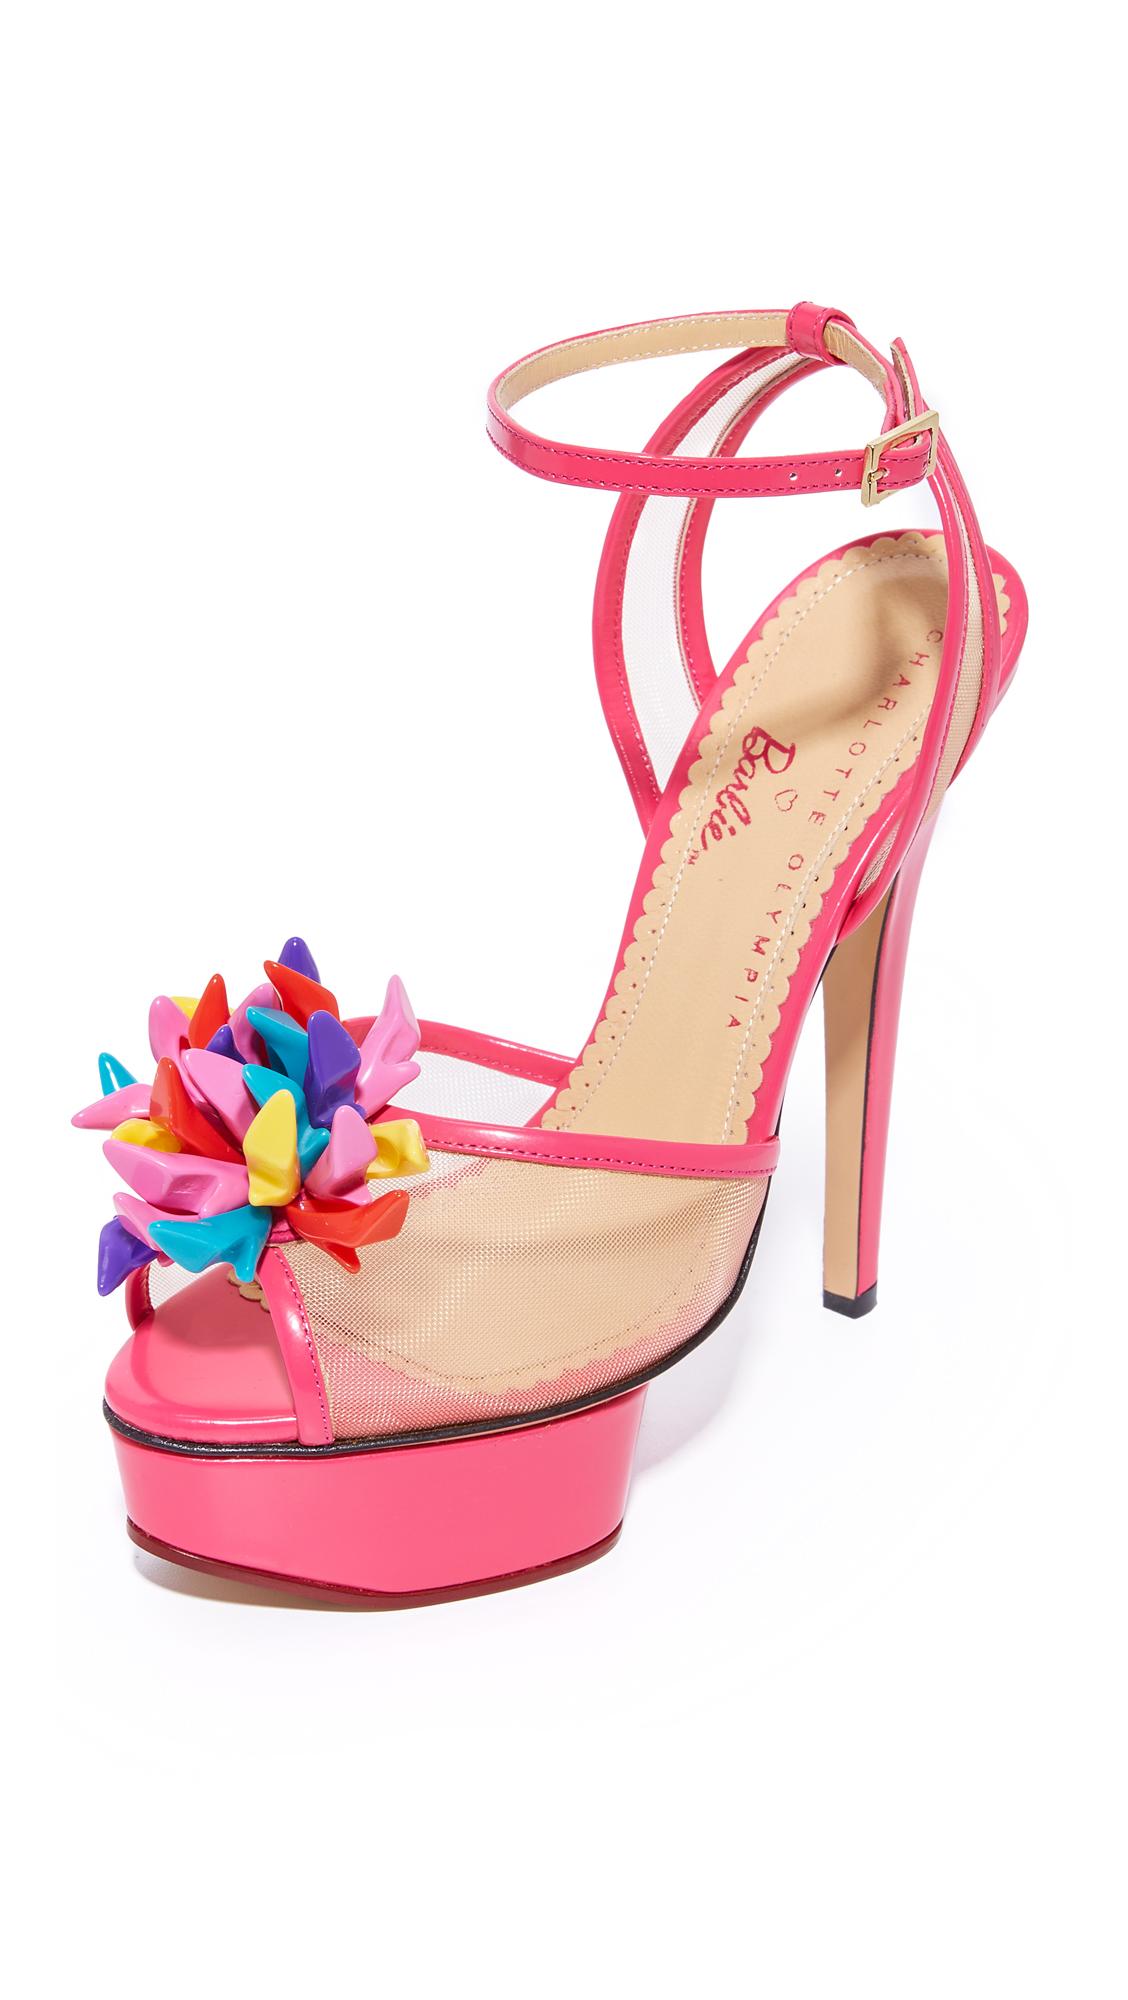 Charlotte Olympia Pomeline Platform Sandals - Pink at Shopbop